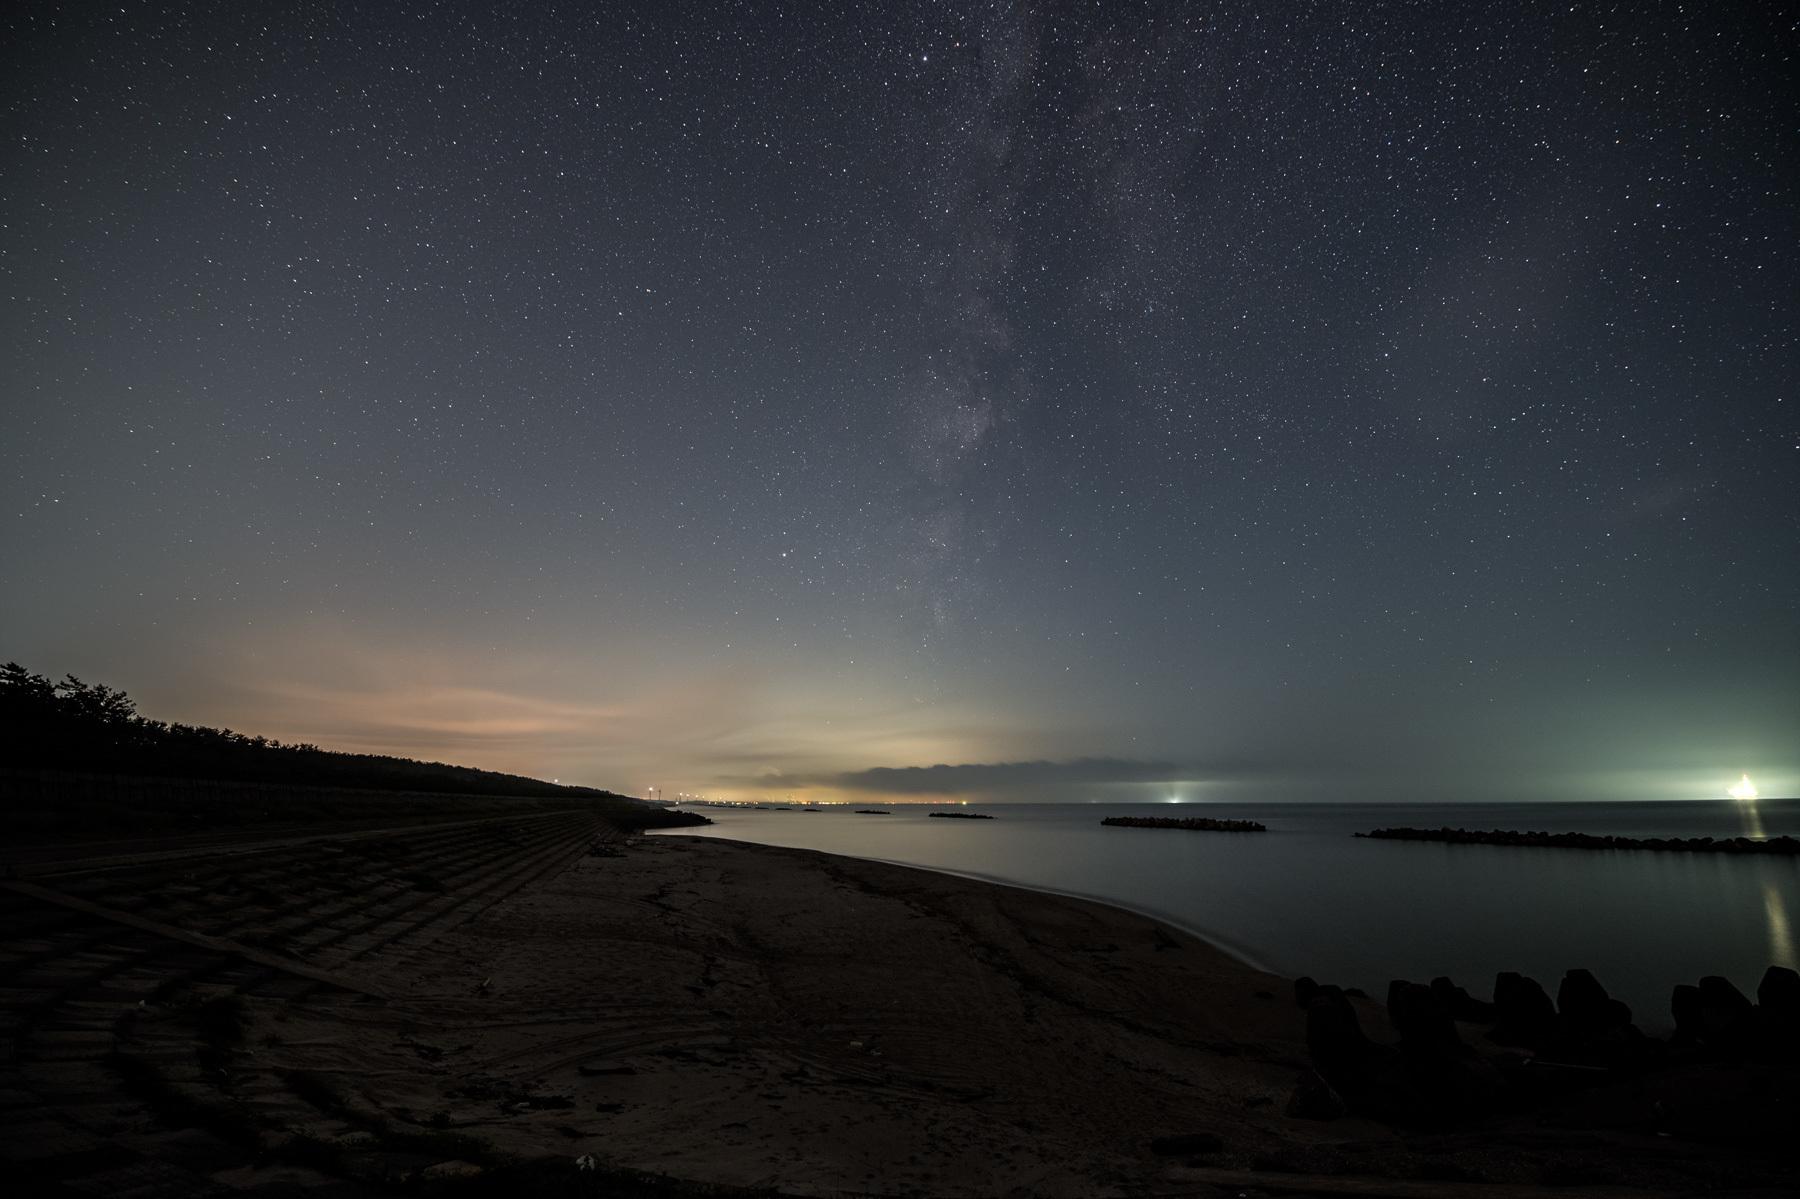 海と星とサンゴの言い伝え_a0041722_09242967.jpg